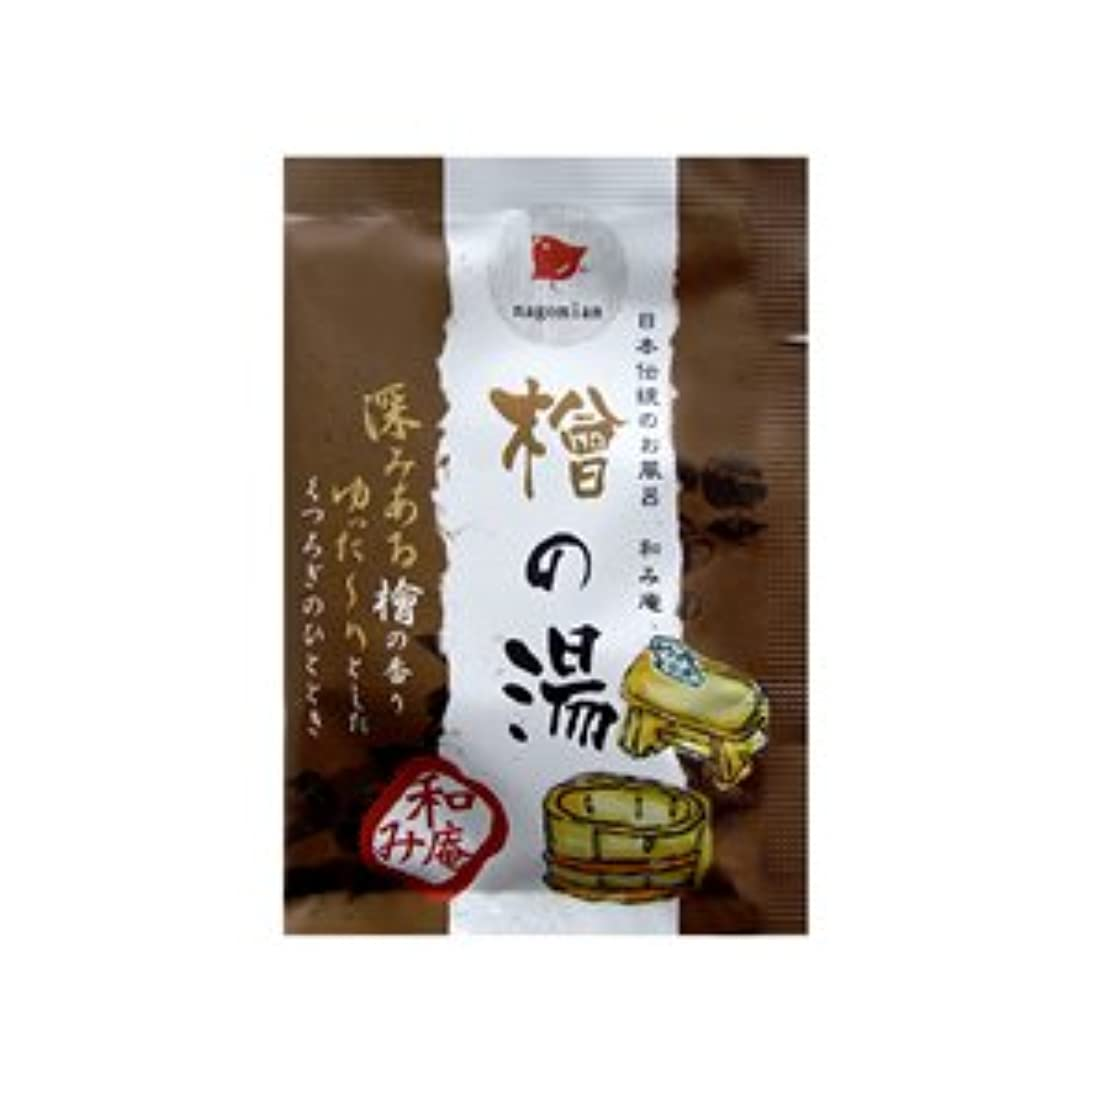 信頼性深く通信する日本伝統のお風呂 和み庵 檜の湯 25g 5個セット